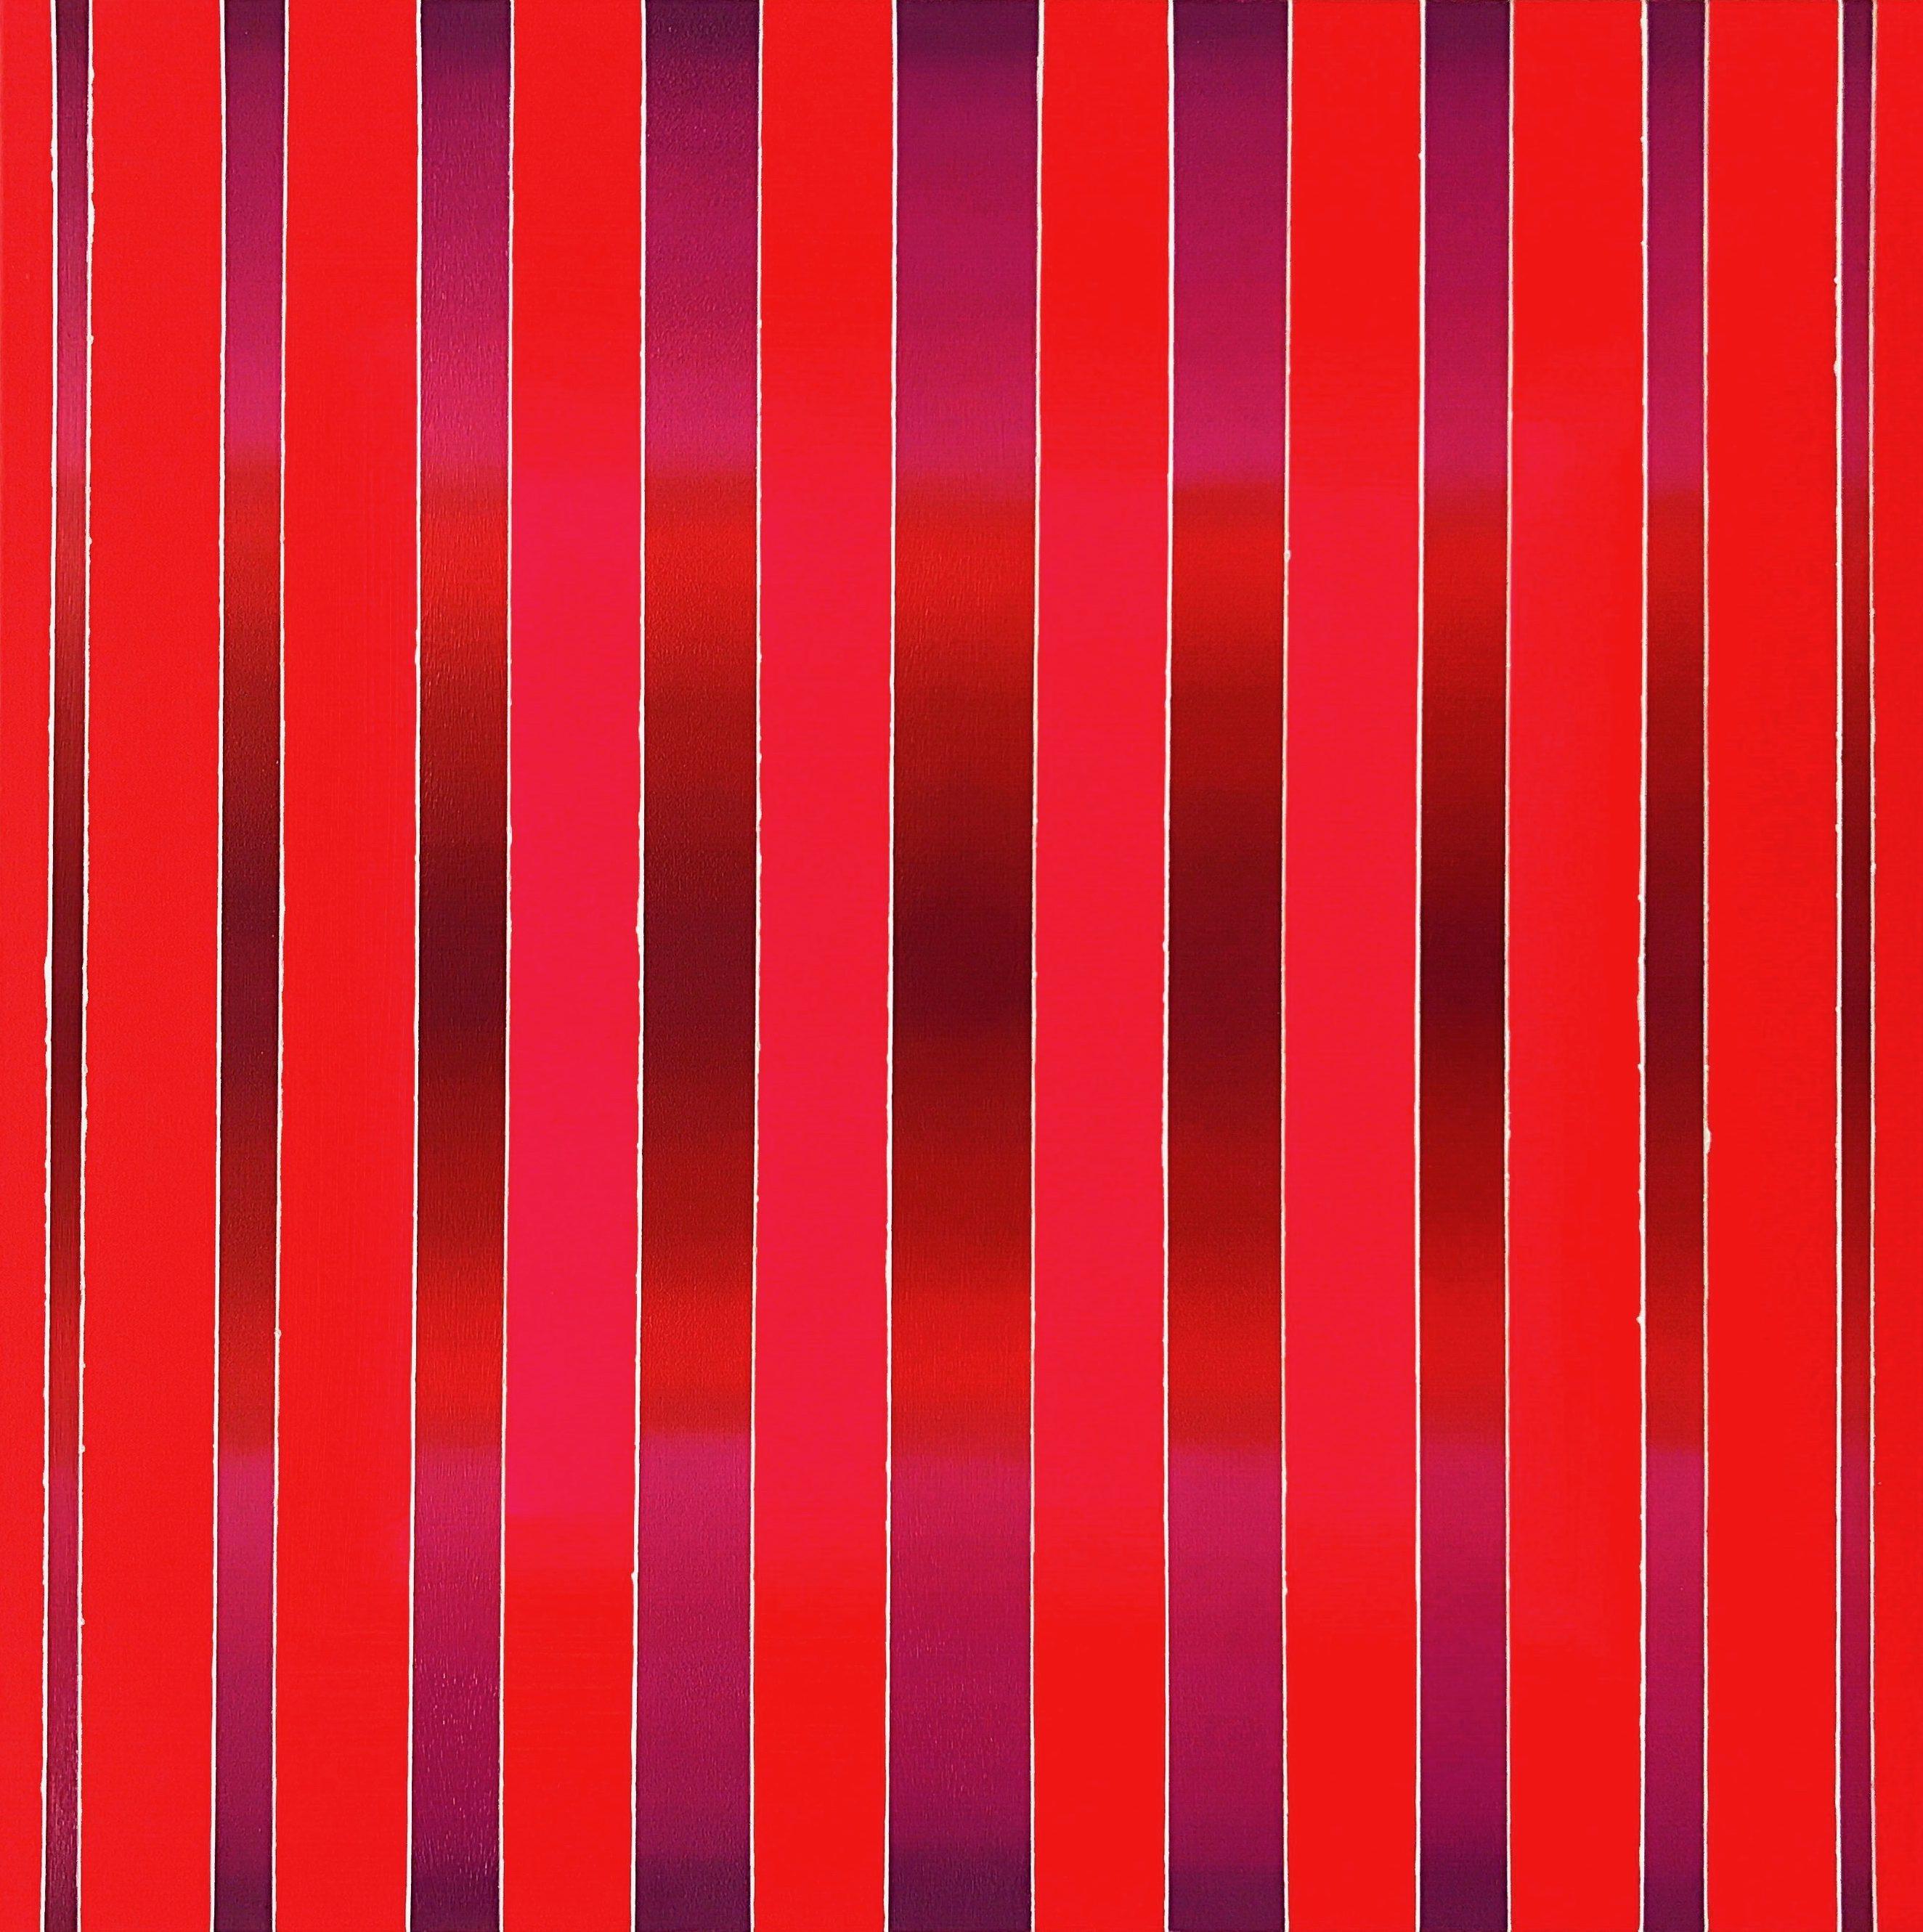 WAHRNEHMUNGSSTREIFEN 09 Leinwand : 70 x 70 x 2 cm Acrylic Oil on canvas